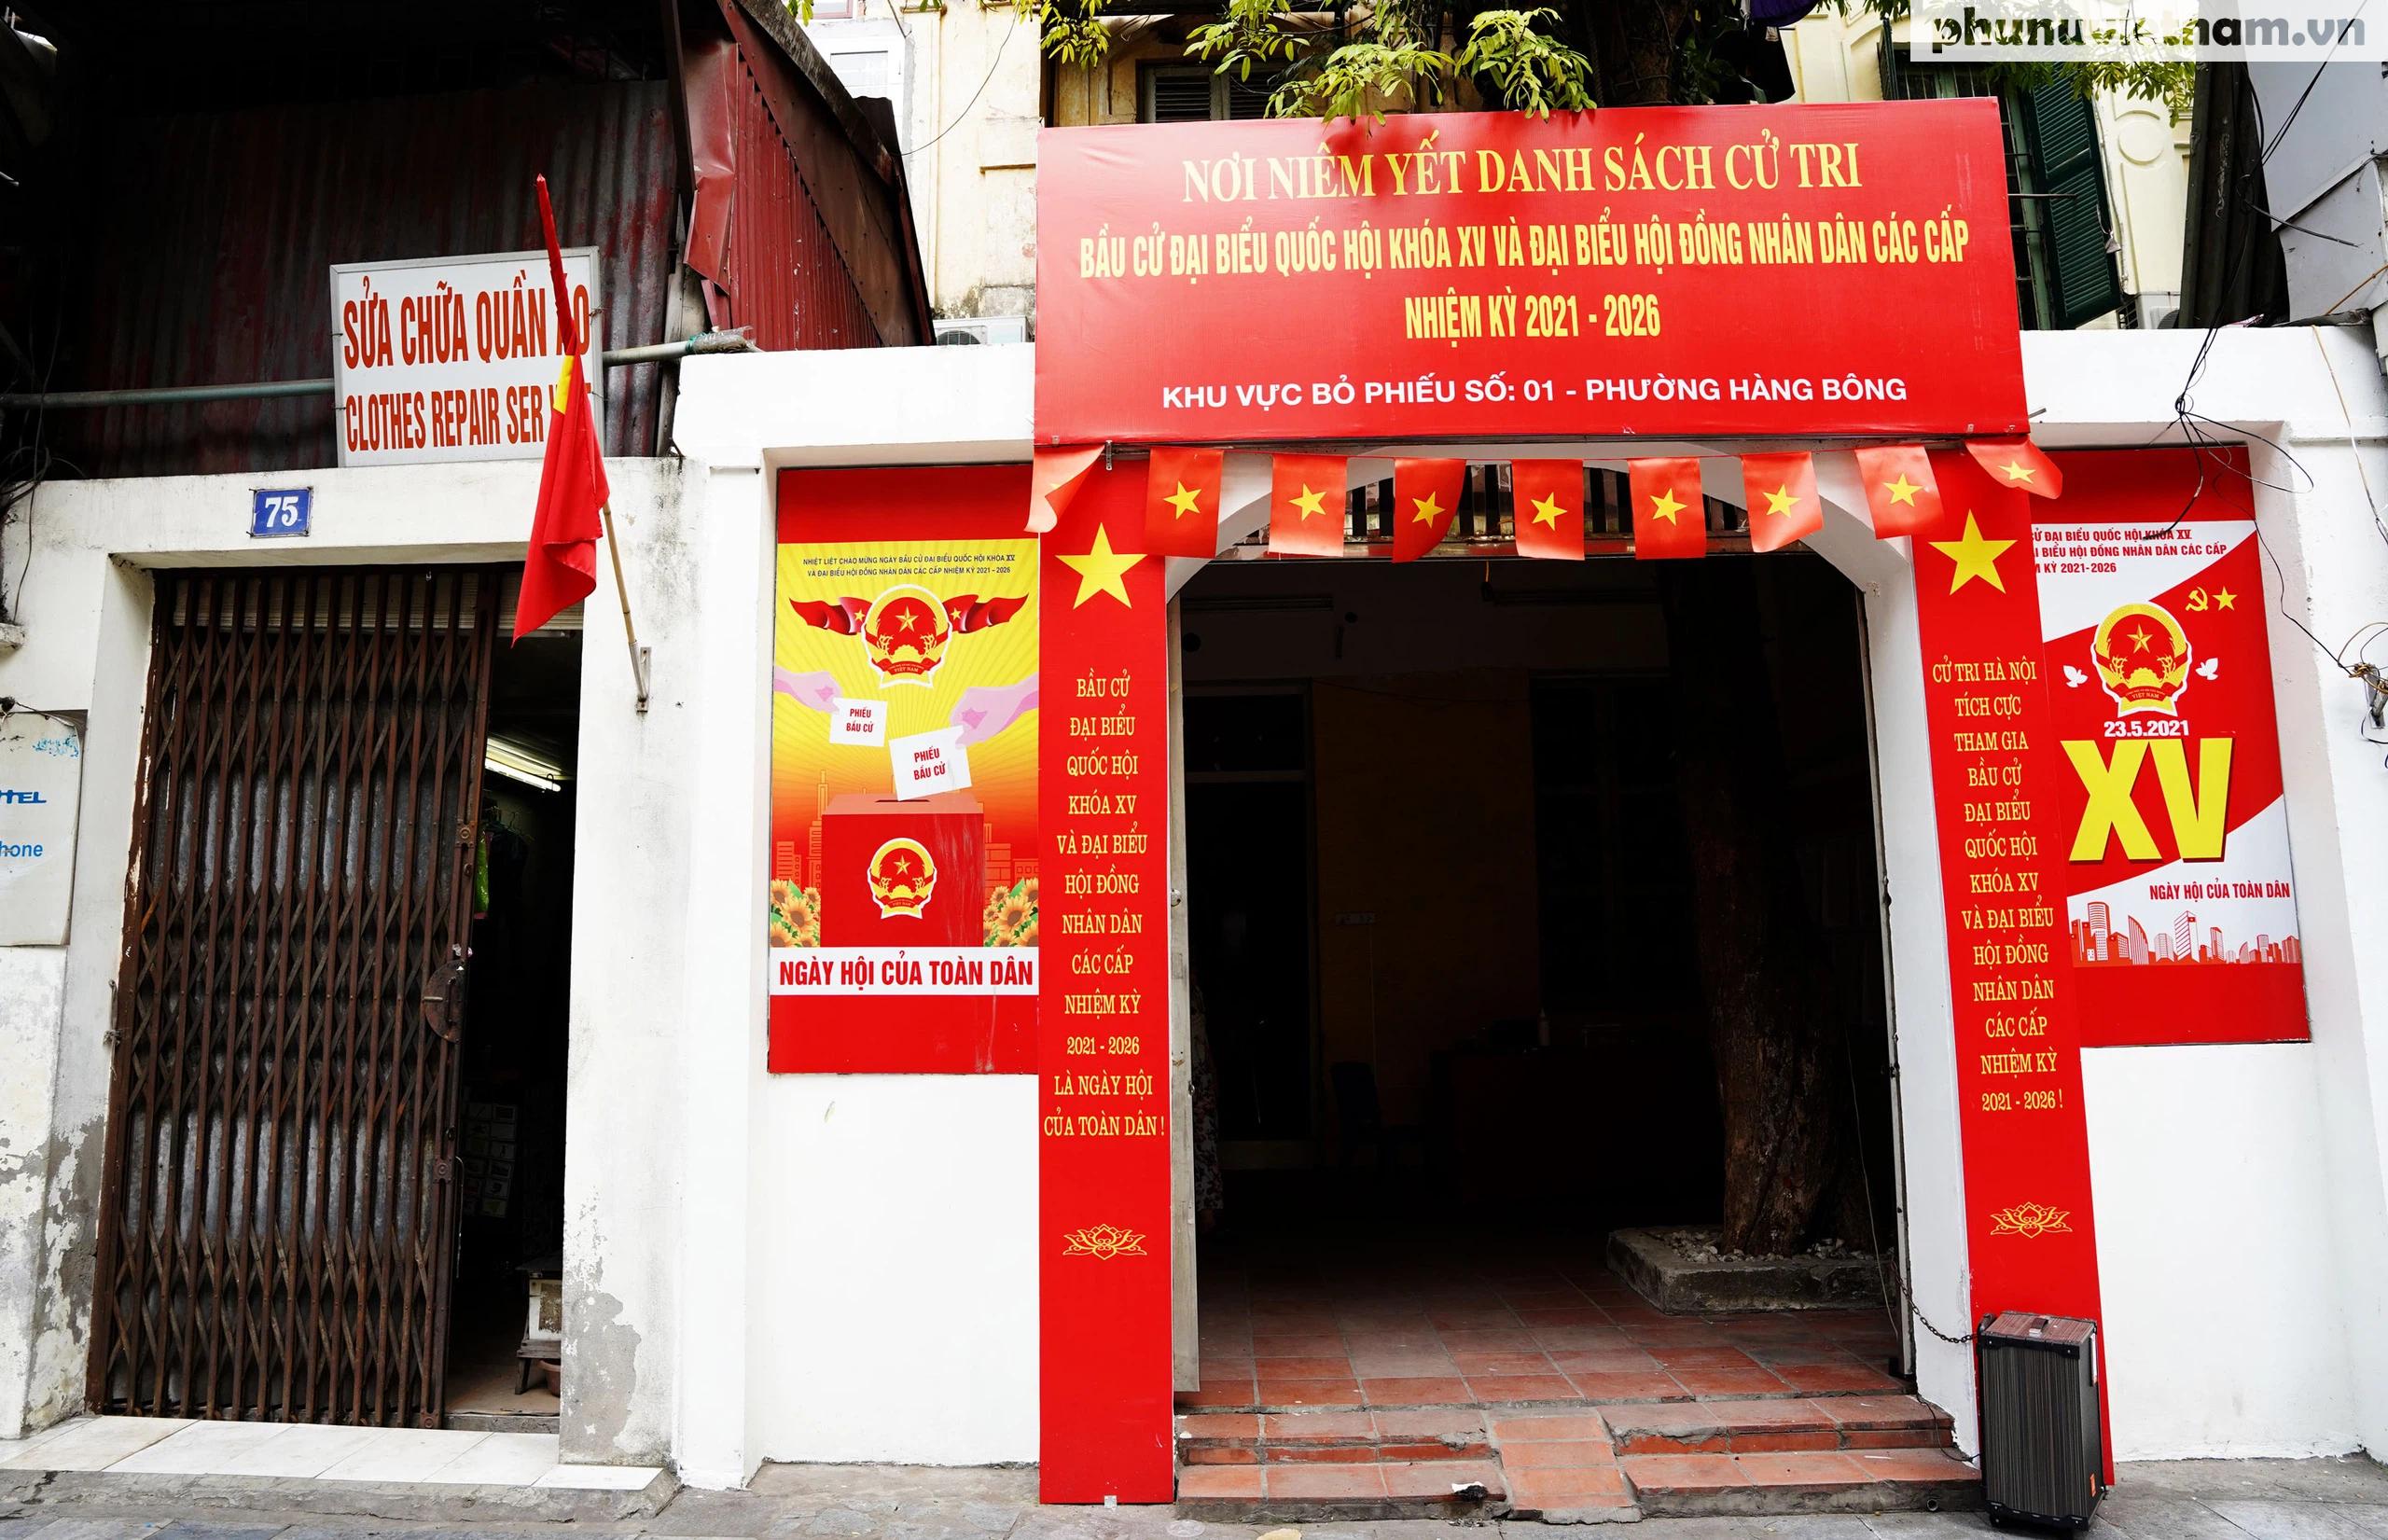 """Phố phường Hà Nội rừng rực khí thế chào mừng """"Ngày hội của toàn dân"""" - Ảnh 9."""